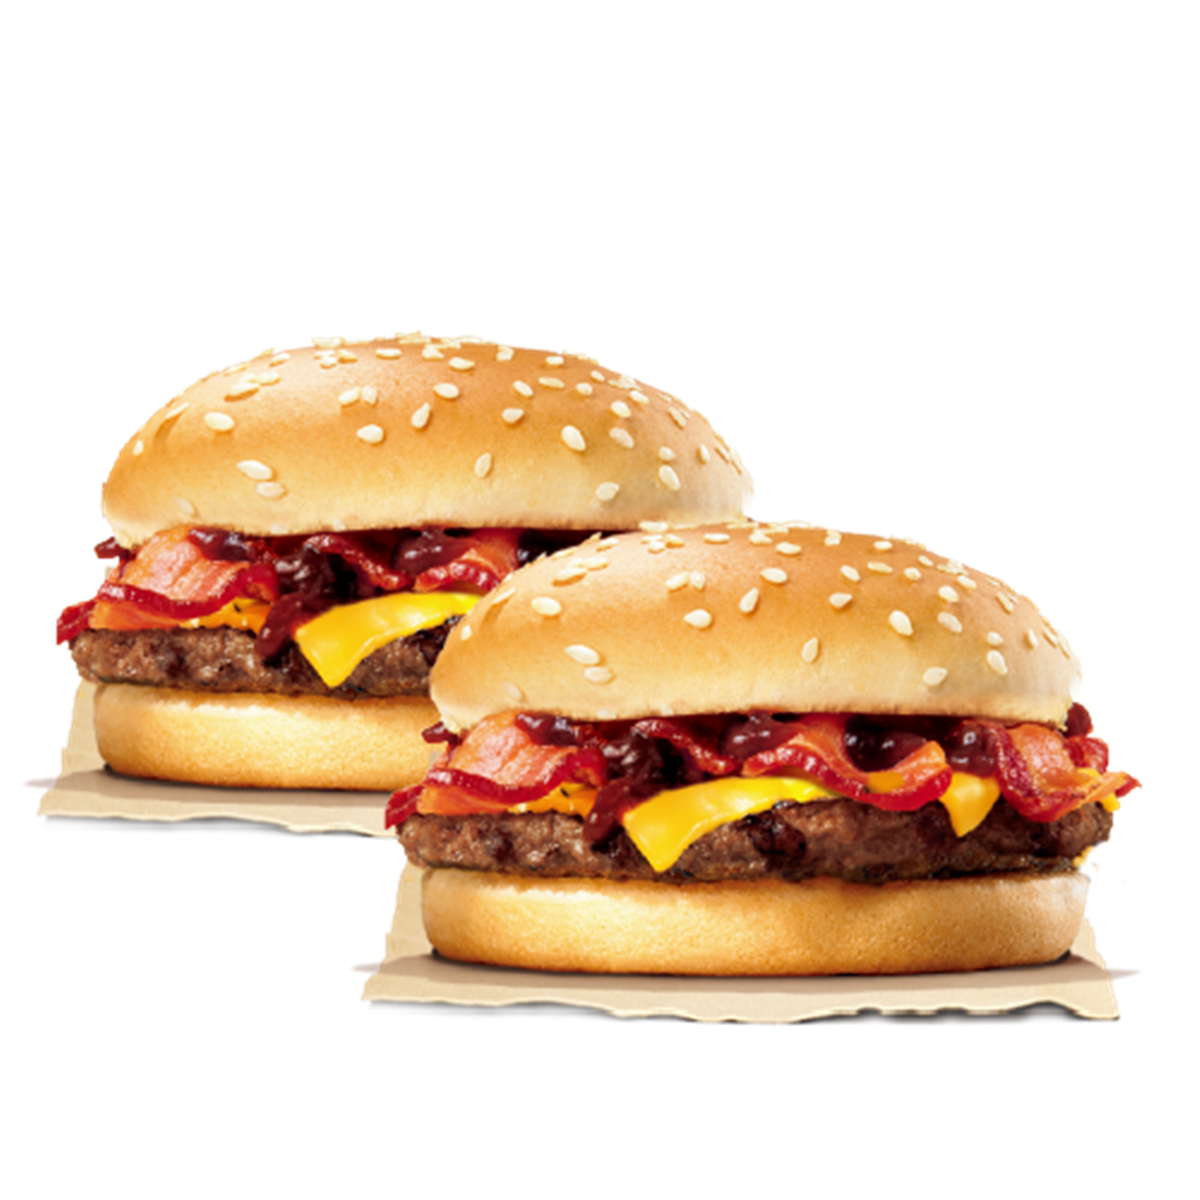 最高現省121元!漢堡王牛排堡、薯條買一送一,長達61天全部28品項爽吃